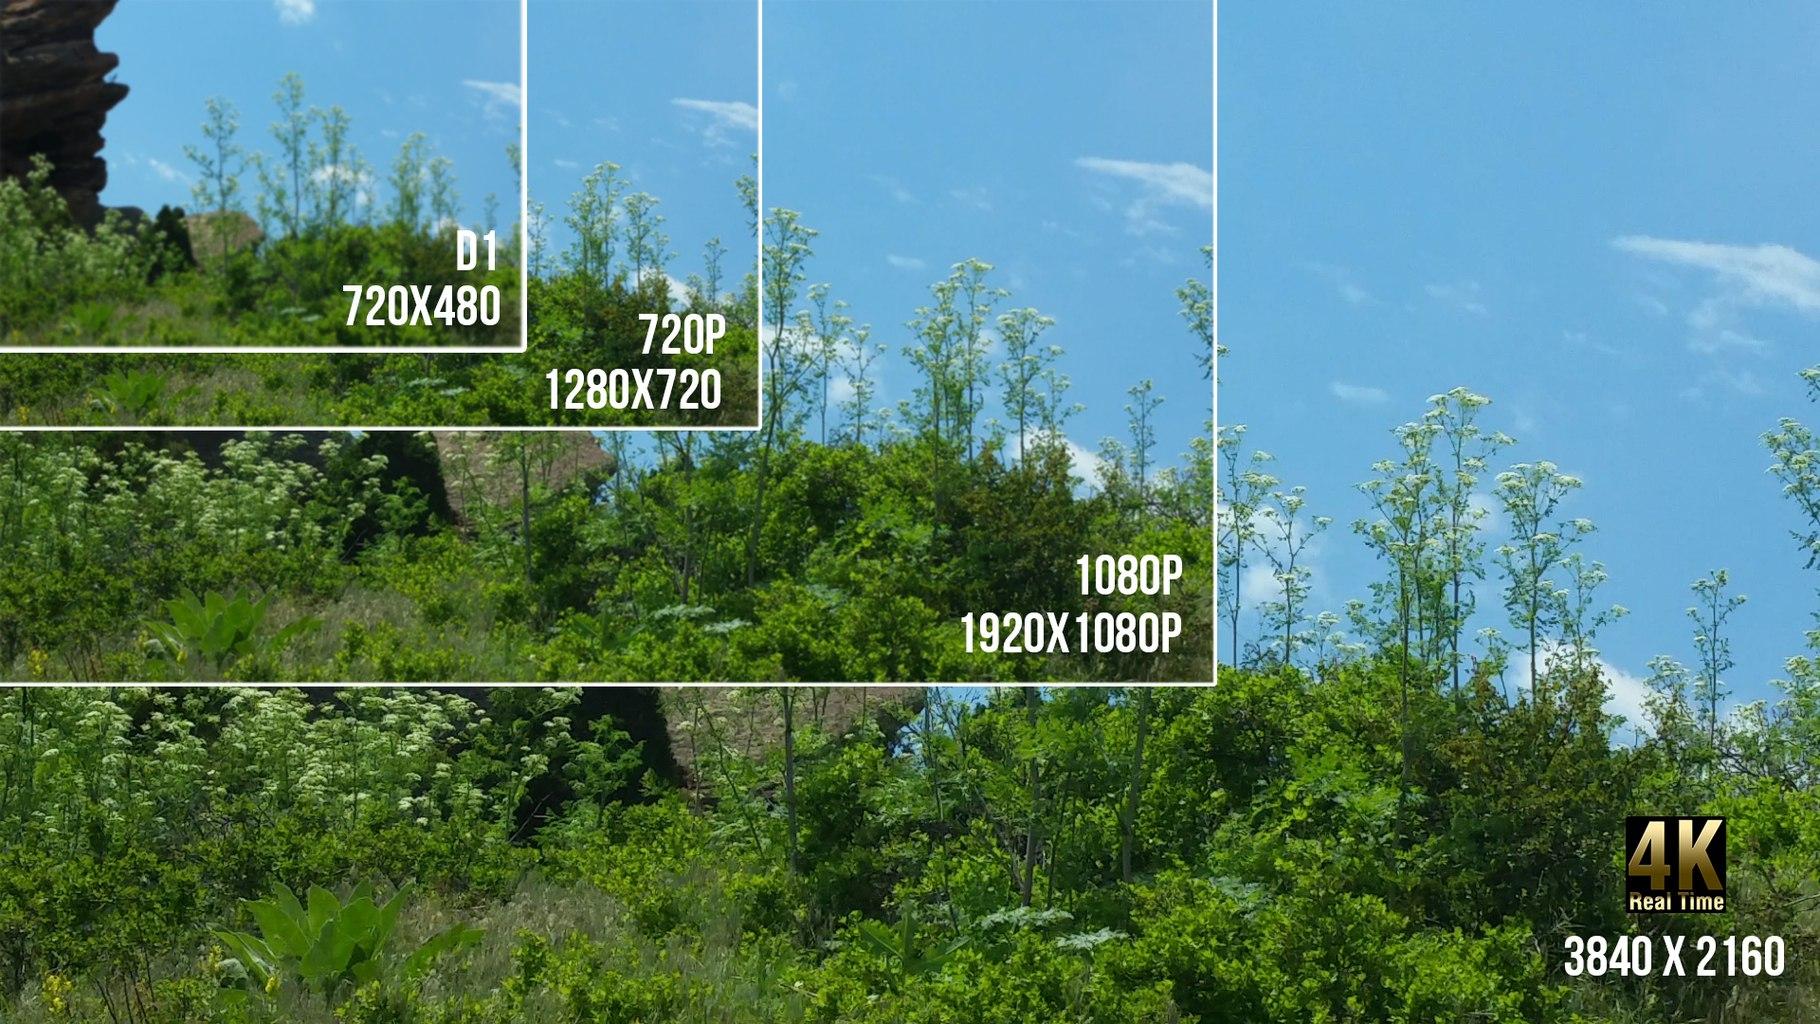 1 1 3 Vs Megapixel Megapixel